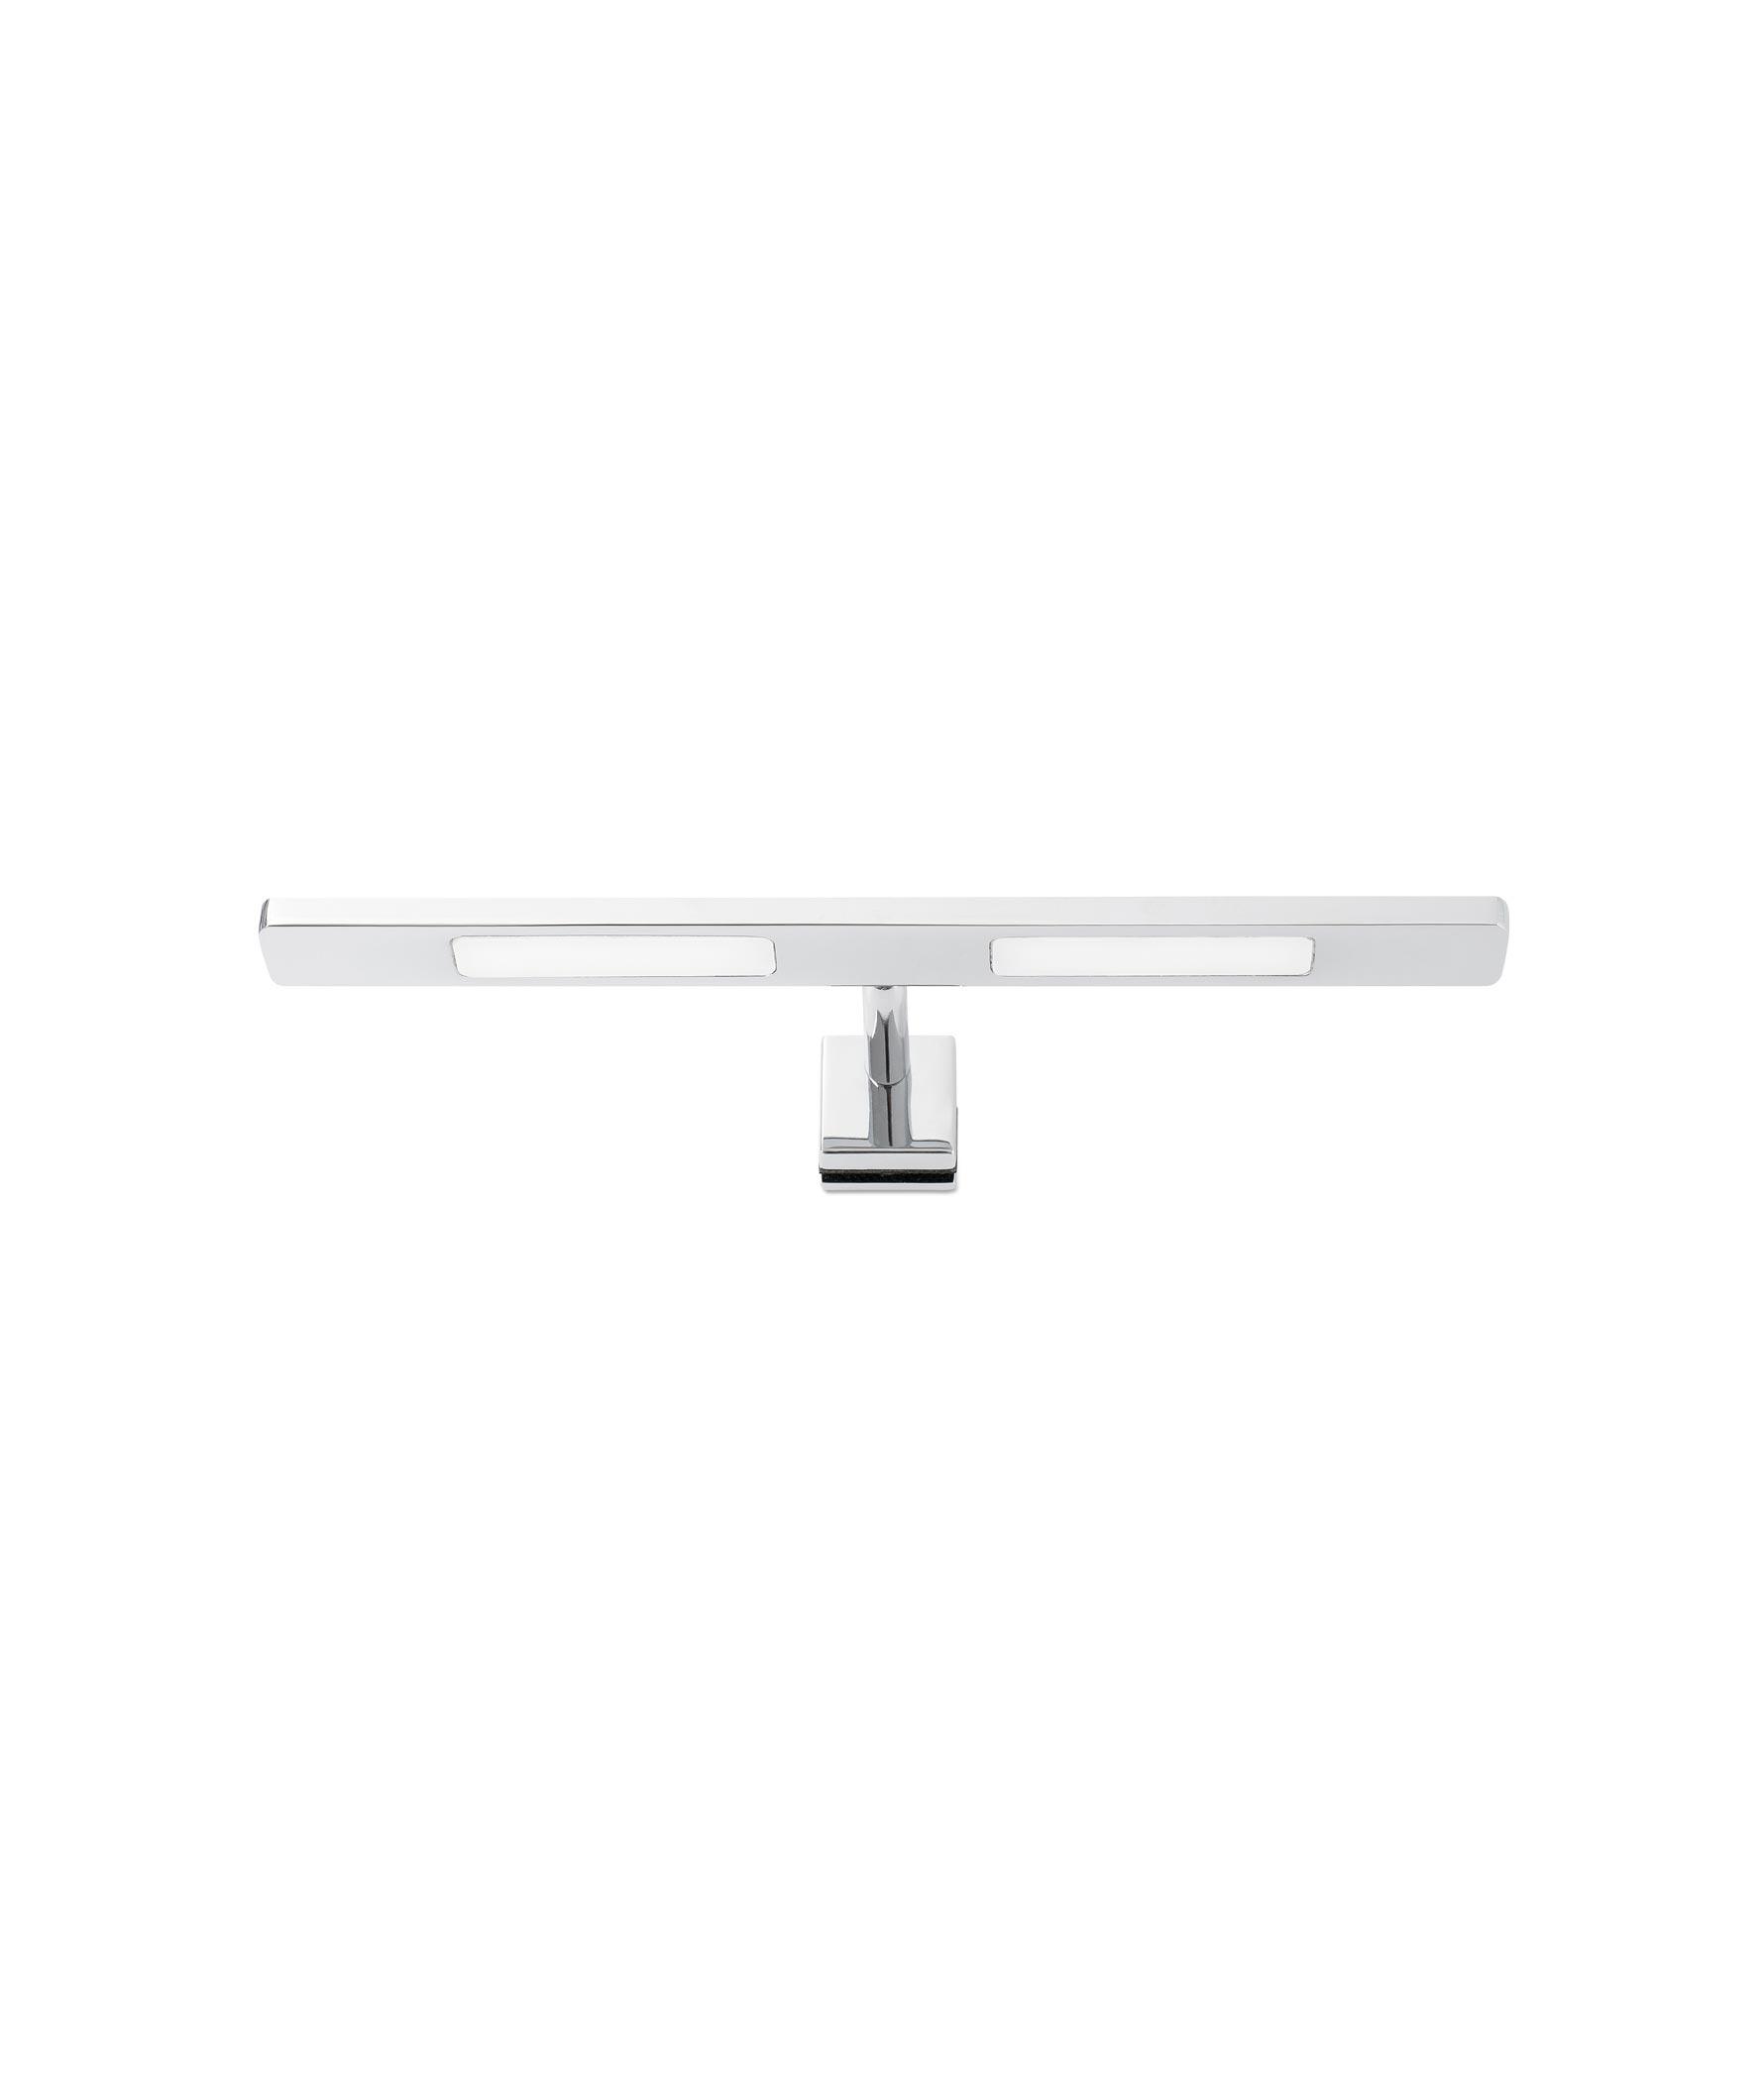 Lámpara aplique LED TERMA cromo